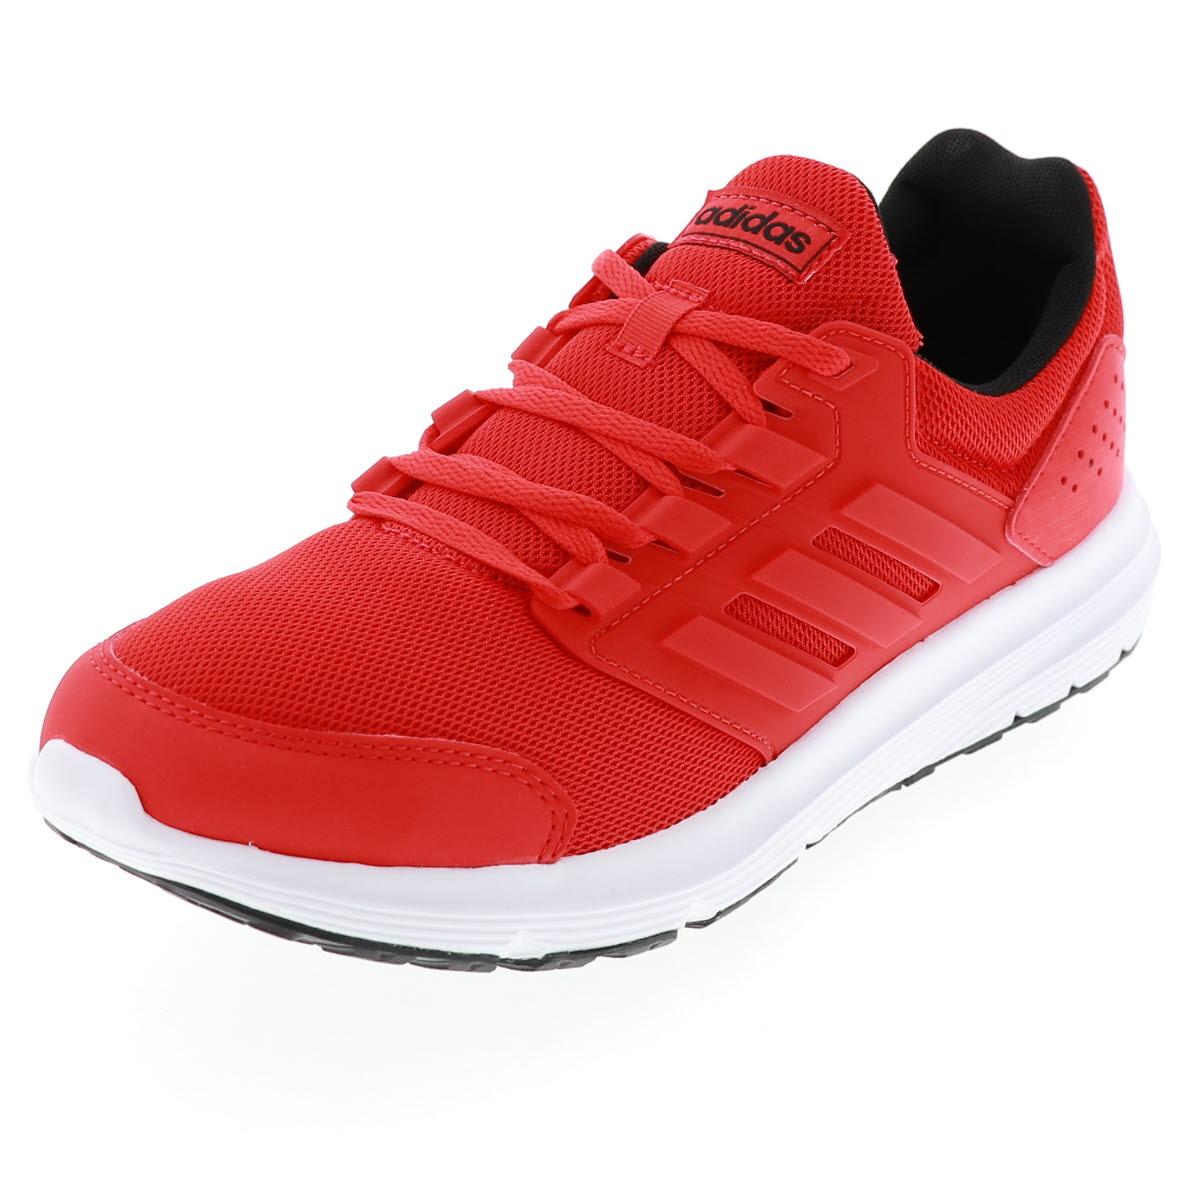 アディダス ADIDAS メンズ ジョギング スニーカー 運動靴 GLX4 EE7916 レッド・ブラック 24.5-30.0cm